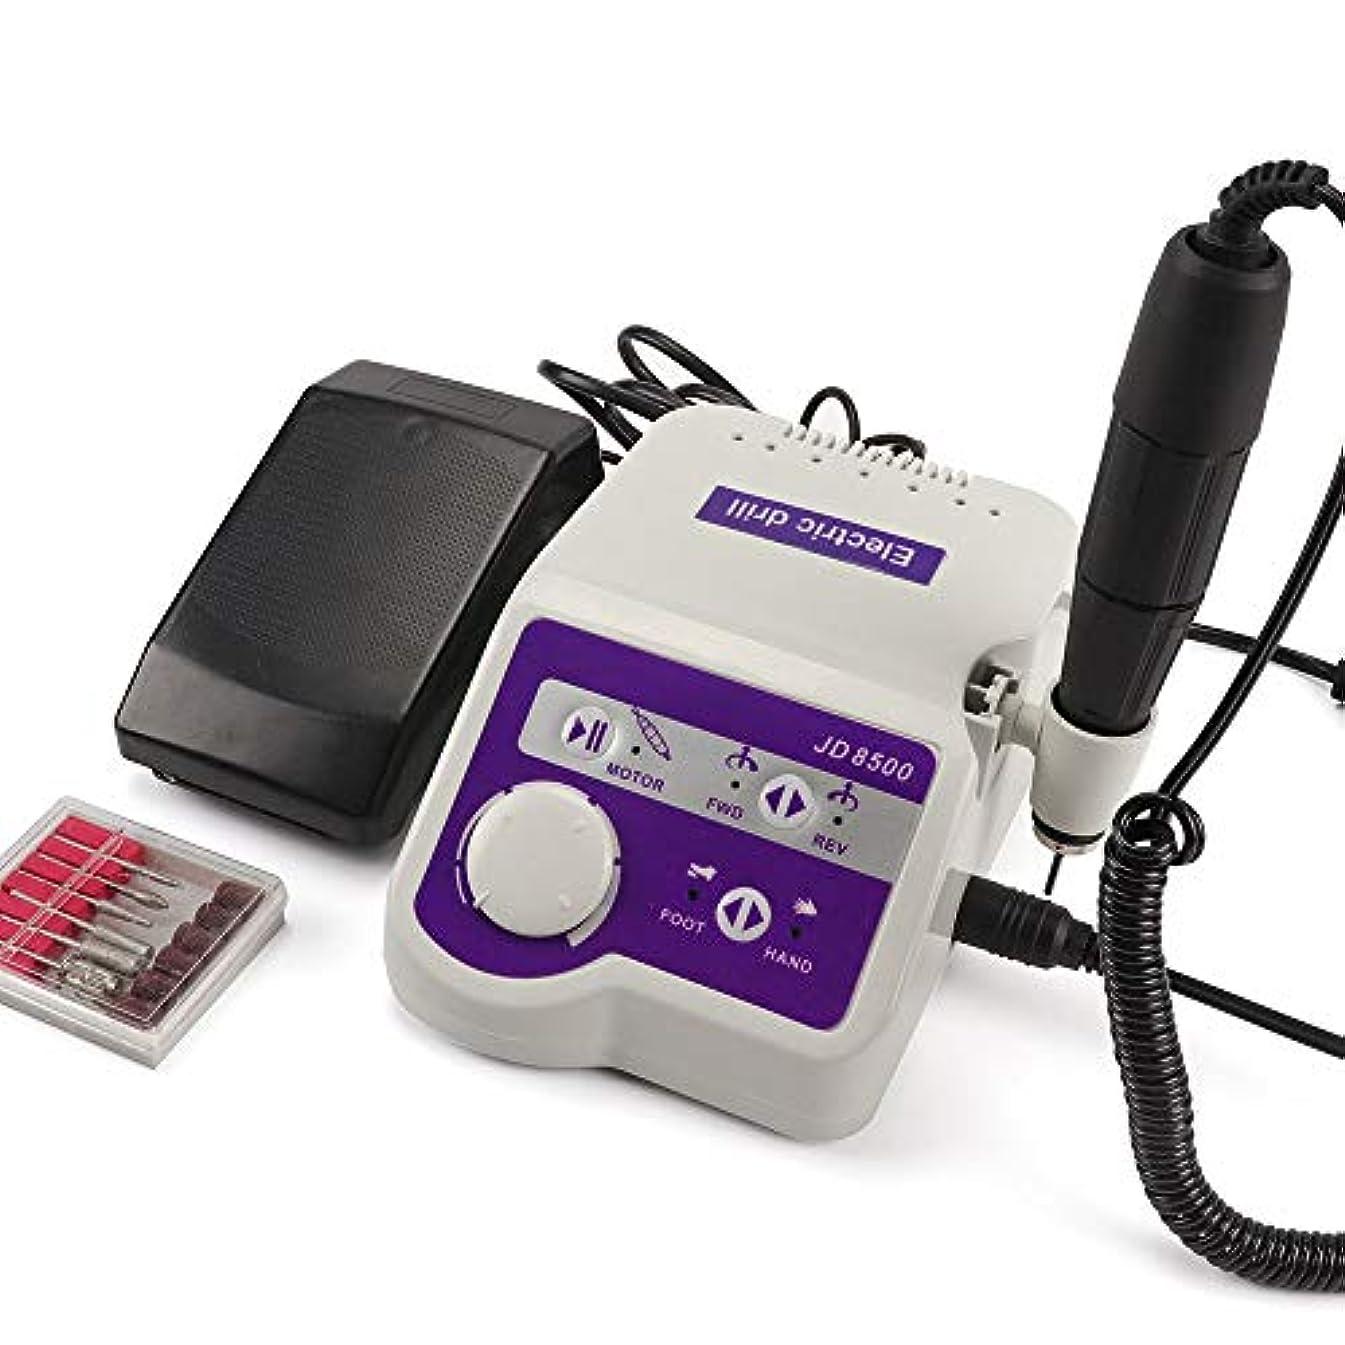 外科医チロ前提条件65ワット35000 rpmプロフェッショナルJD8500電動ネイルドリル機35000 rpmマニキュアツールペディキュアポリッシャーネイルアート機器